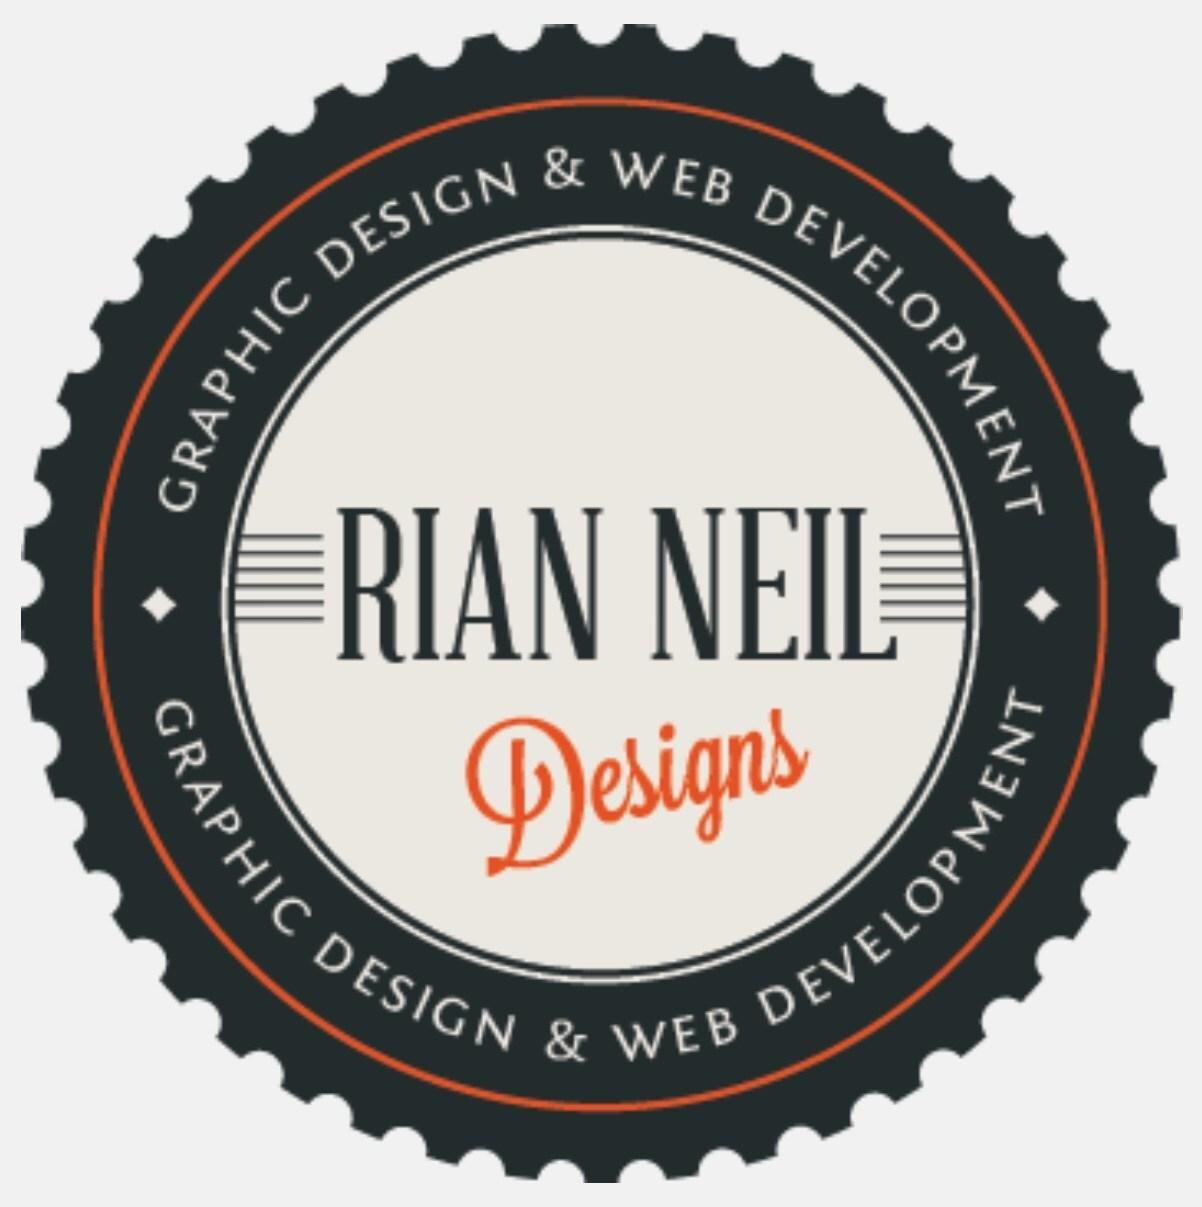 Rian Neil Designs Reviews - Grove City, OH